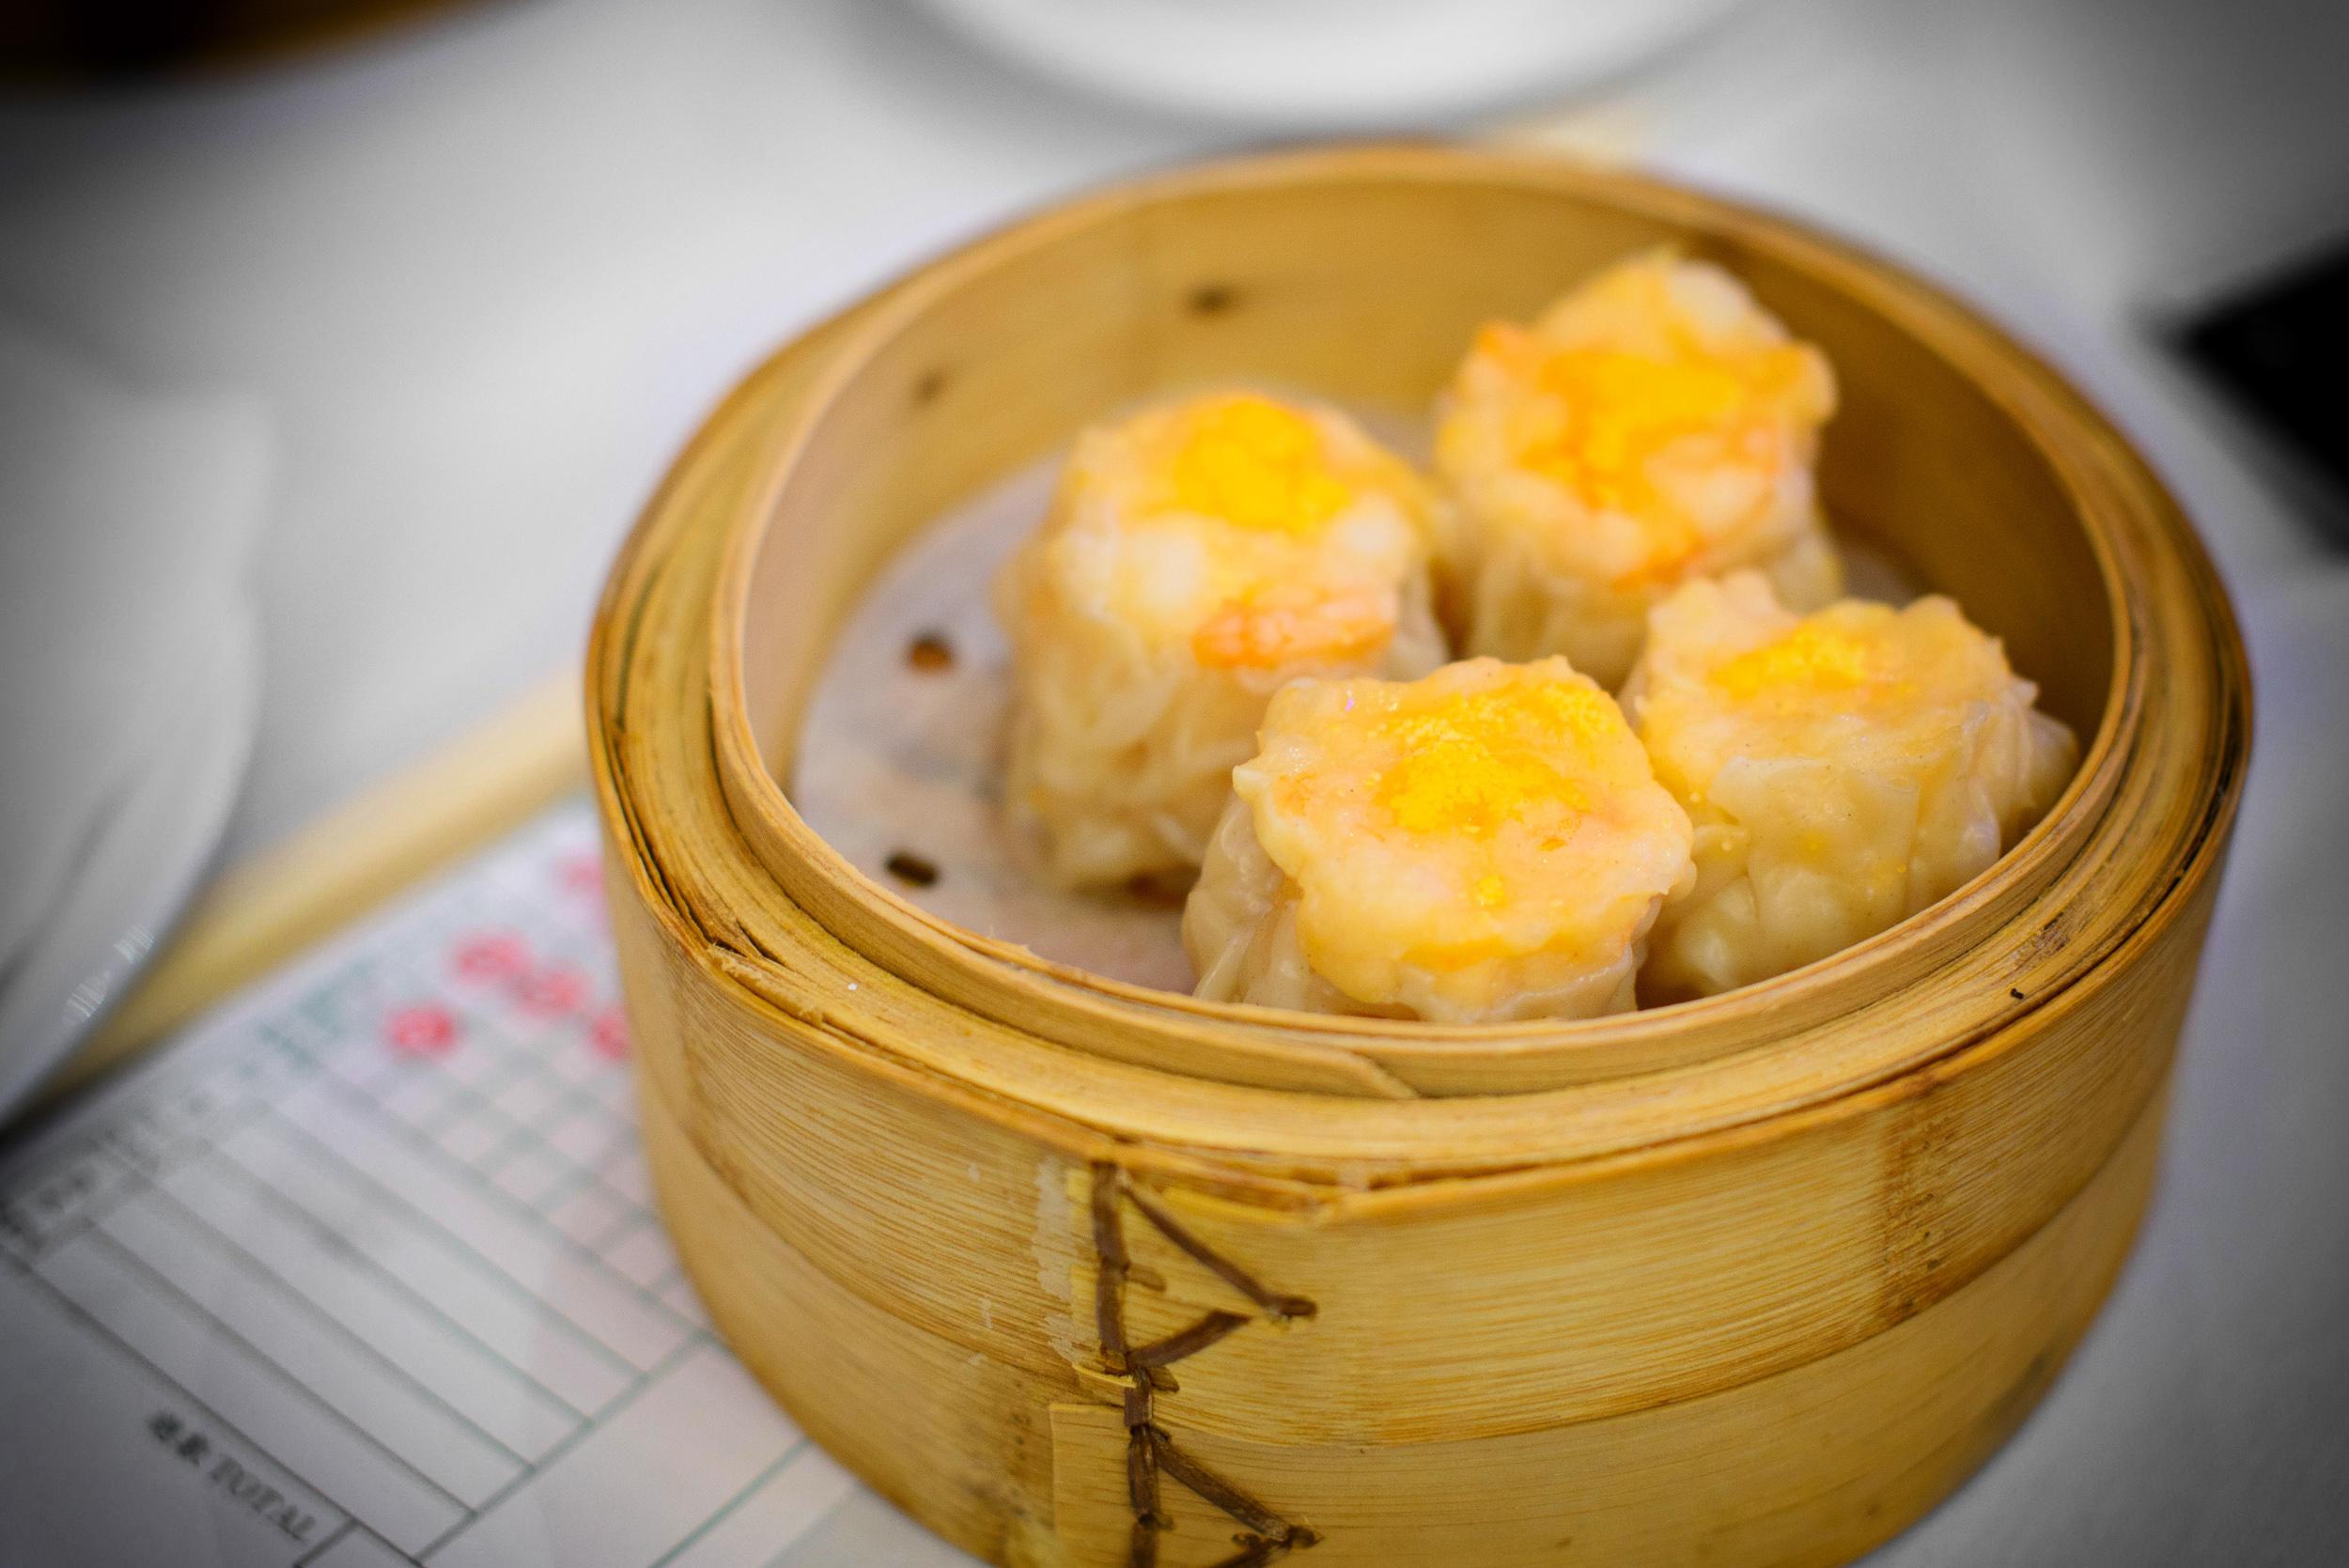 Shrimp dumplings, shumai